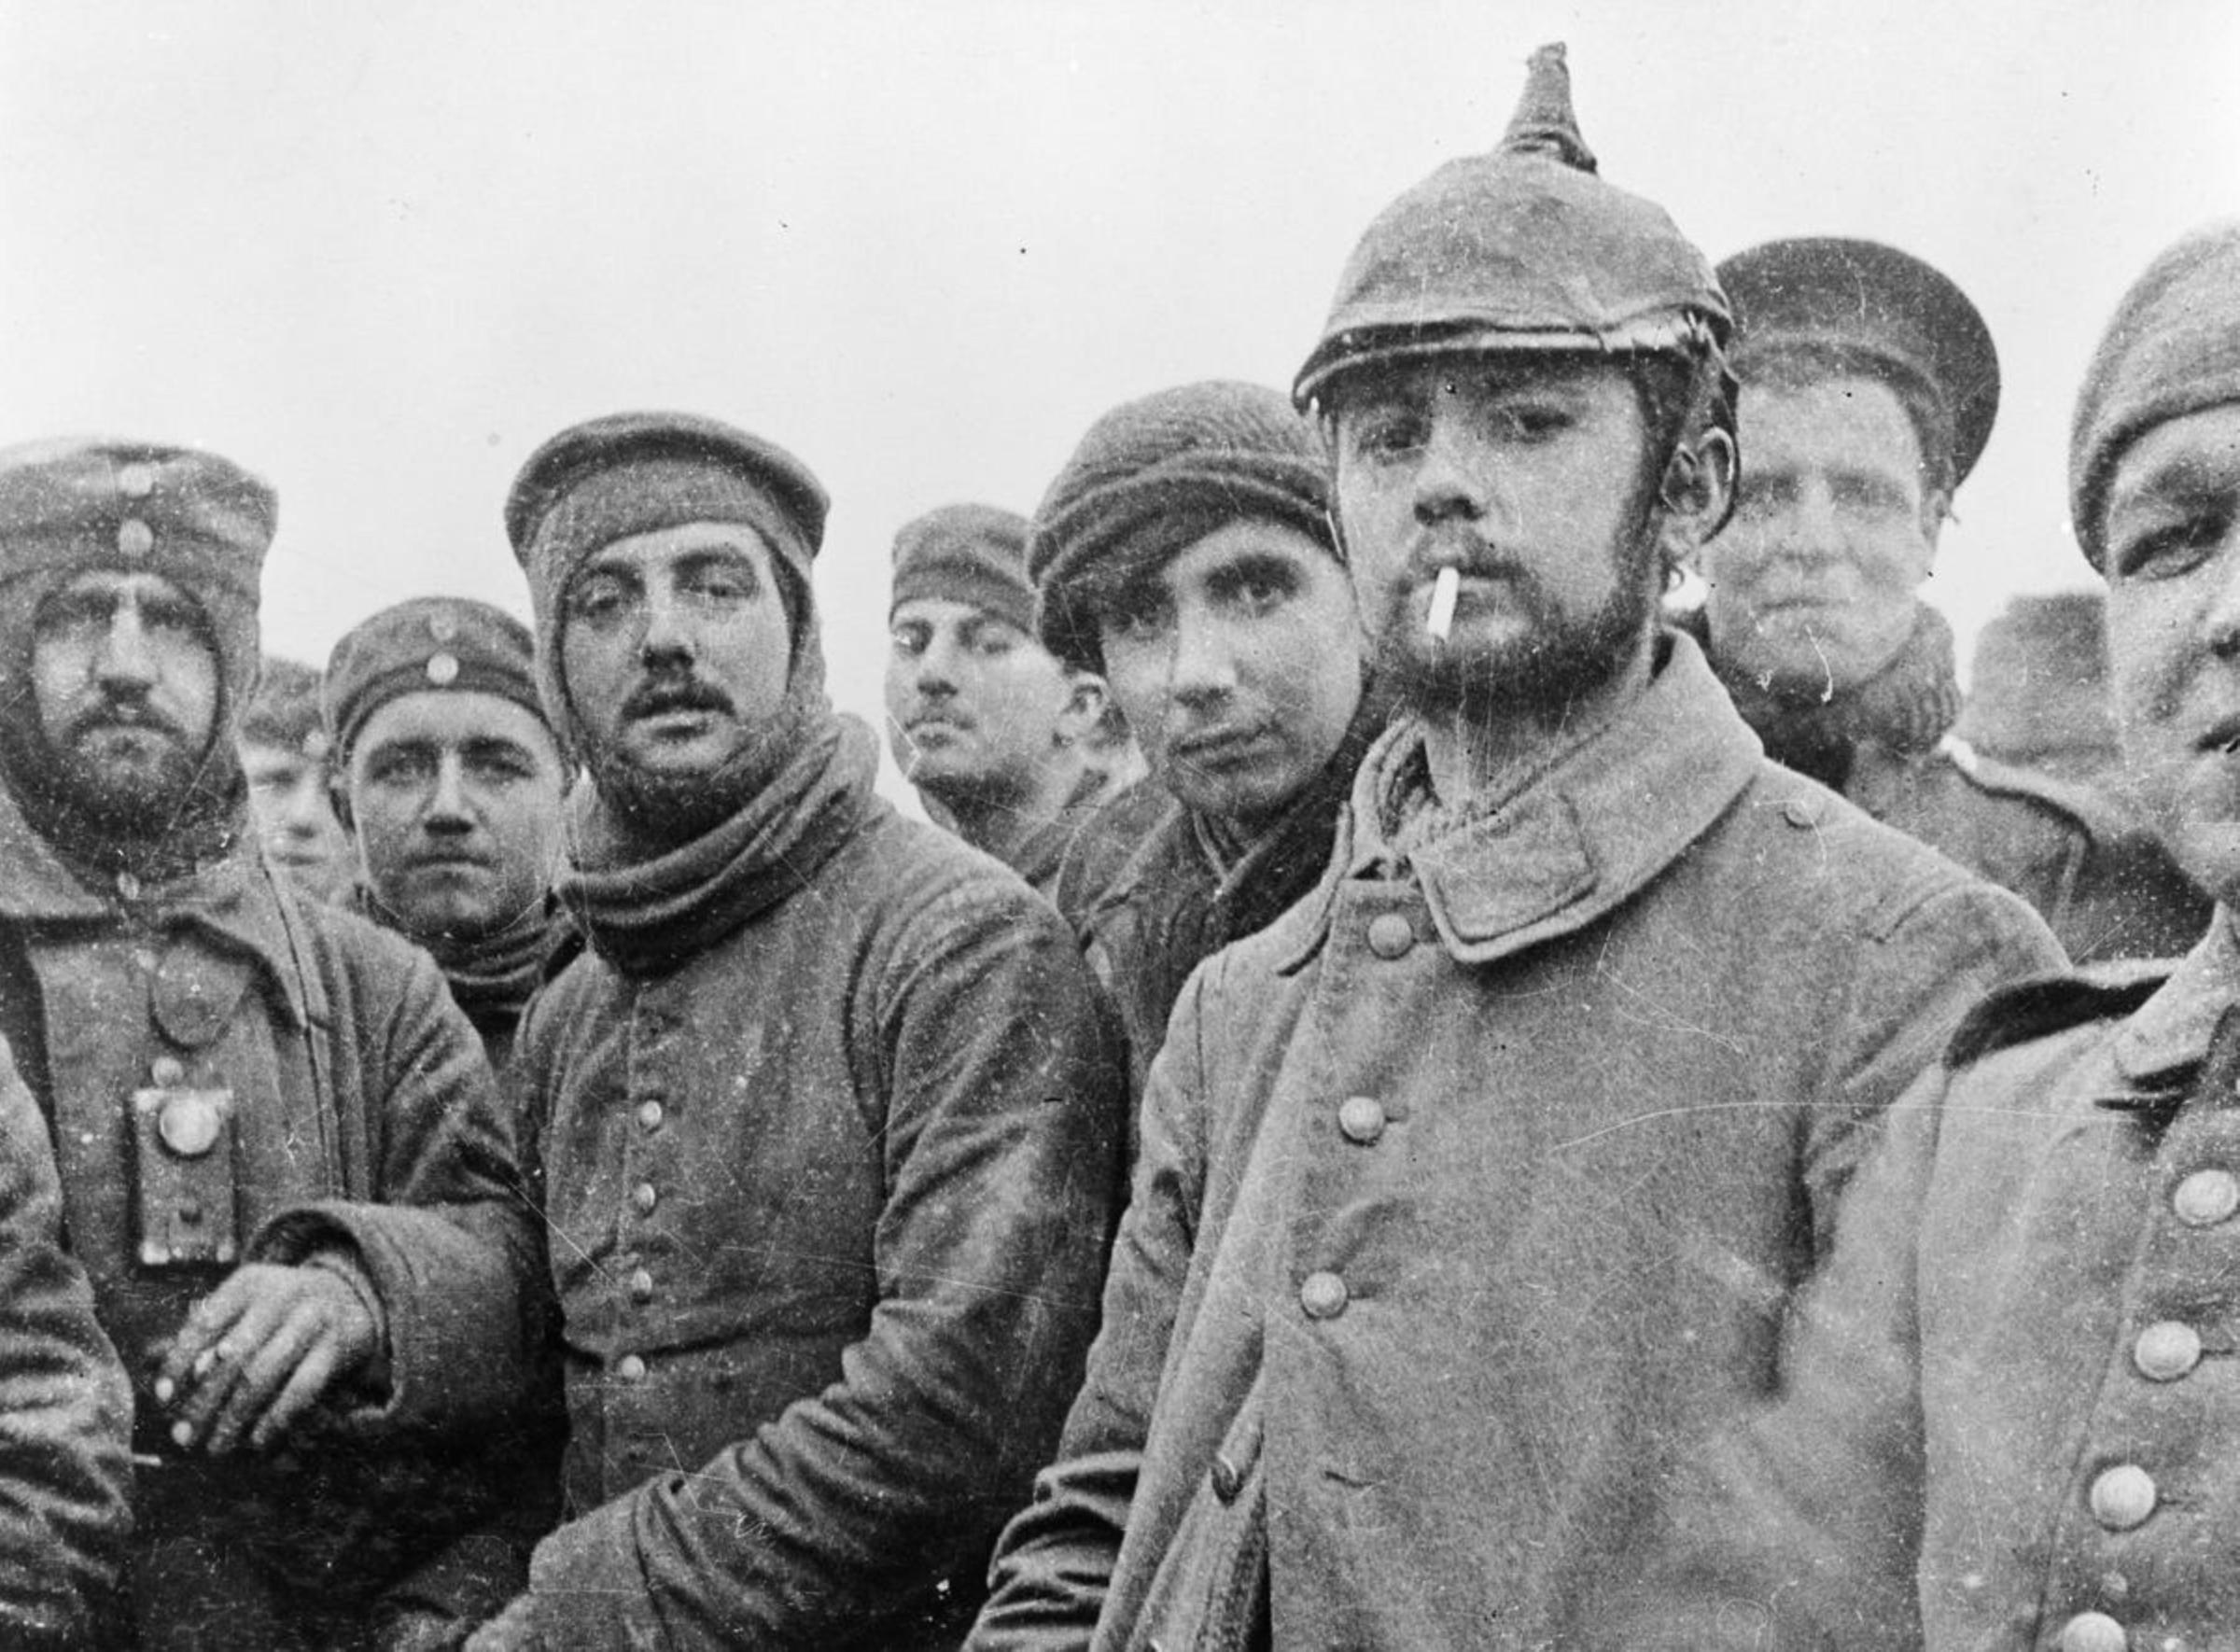 Vánoční příměří 1914 - britští a němečtí vojáci v Ploegsteertu v Belgii